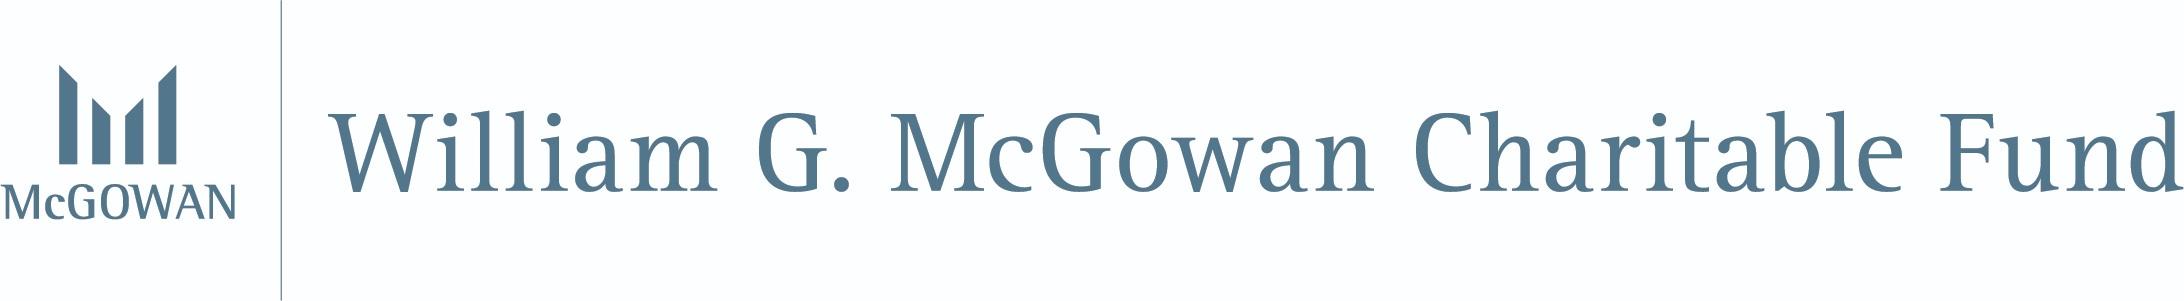 McGowan_PrimaryBrandmark_Blue_Large (002).jpg